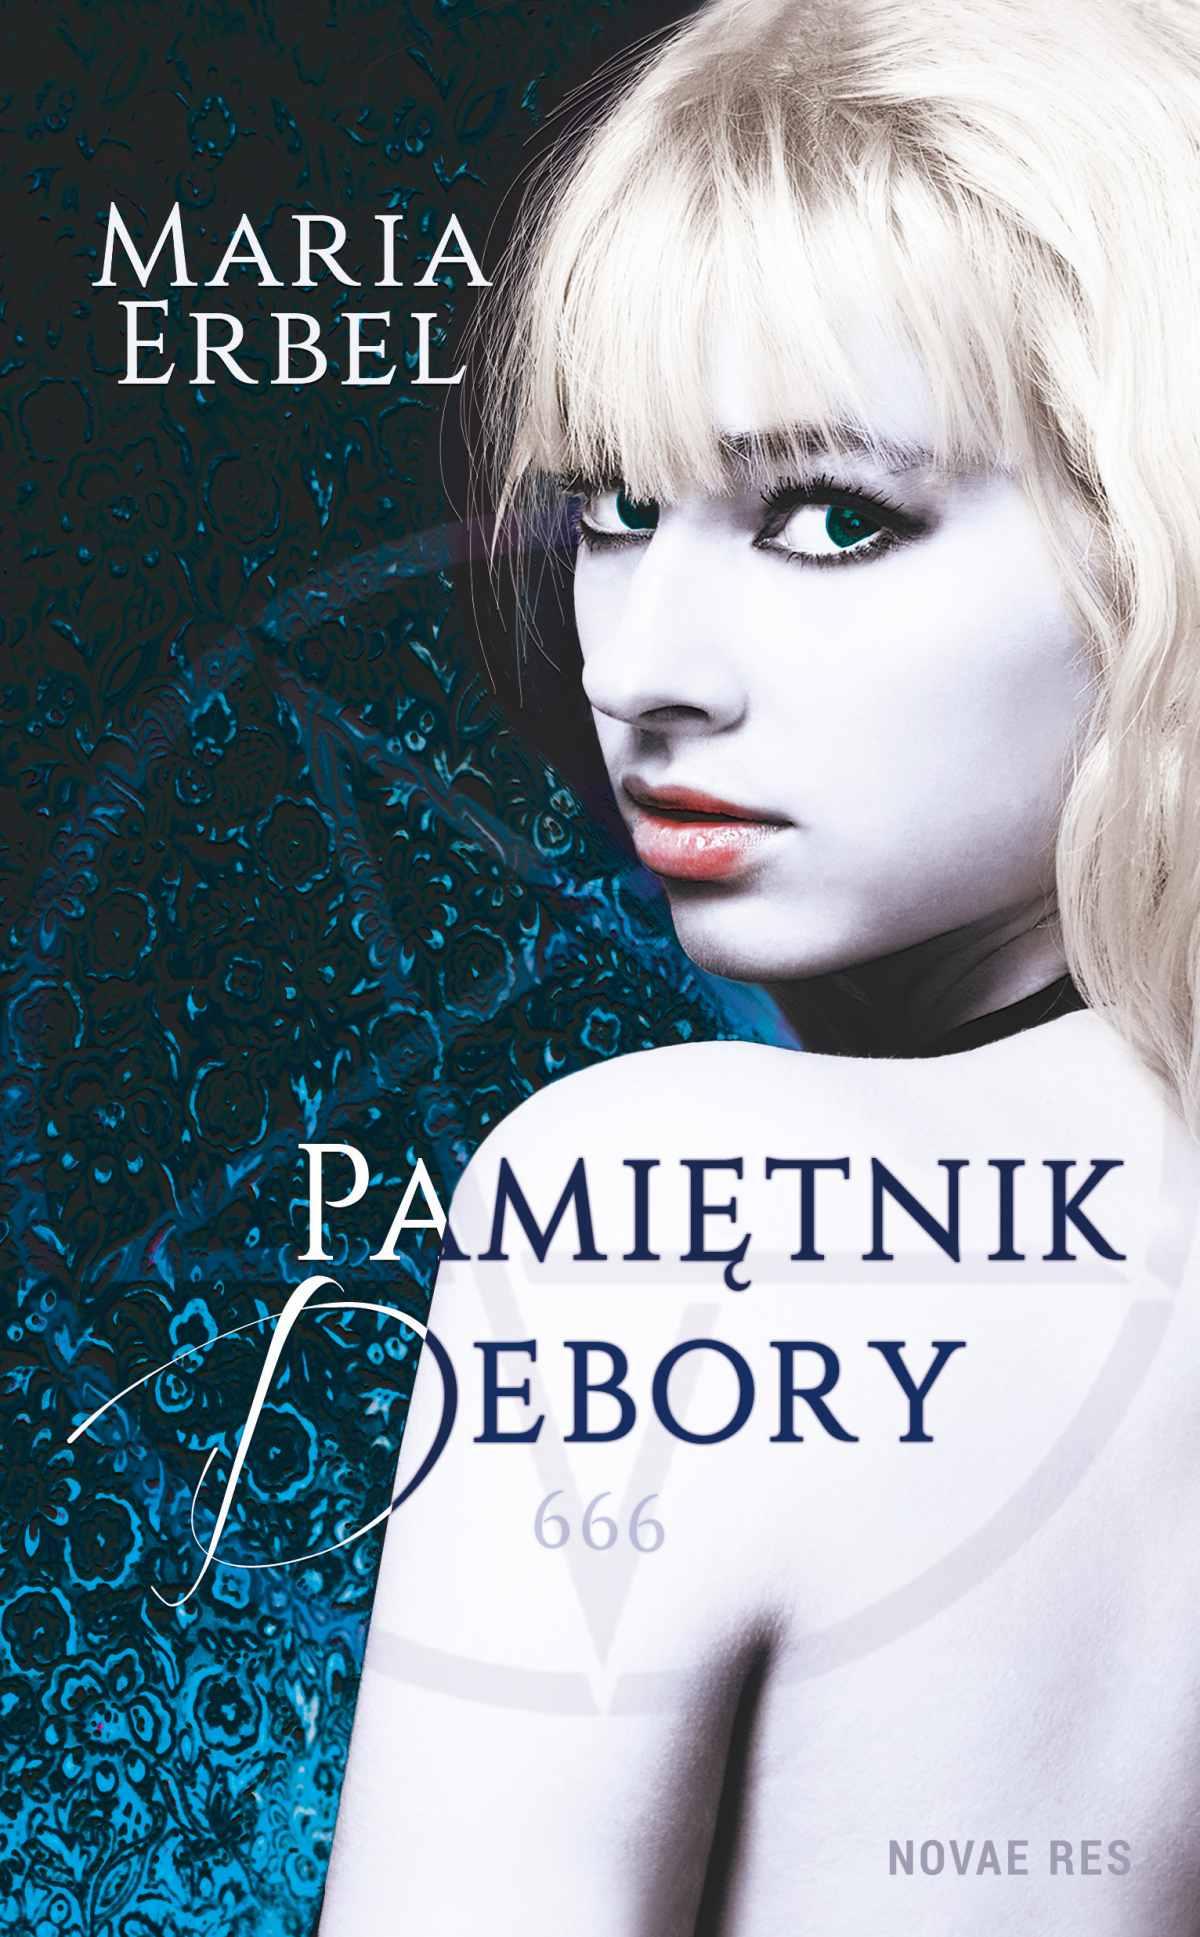 Pamiętnik Debory - Ebook (Książka EPUB) do pobrania w formacie EPUB